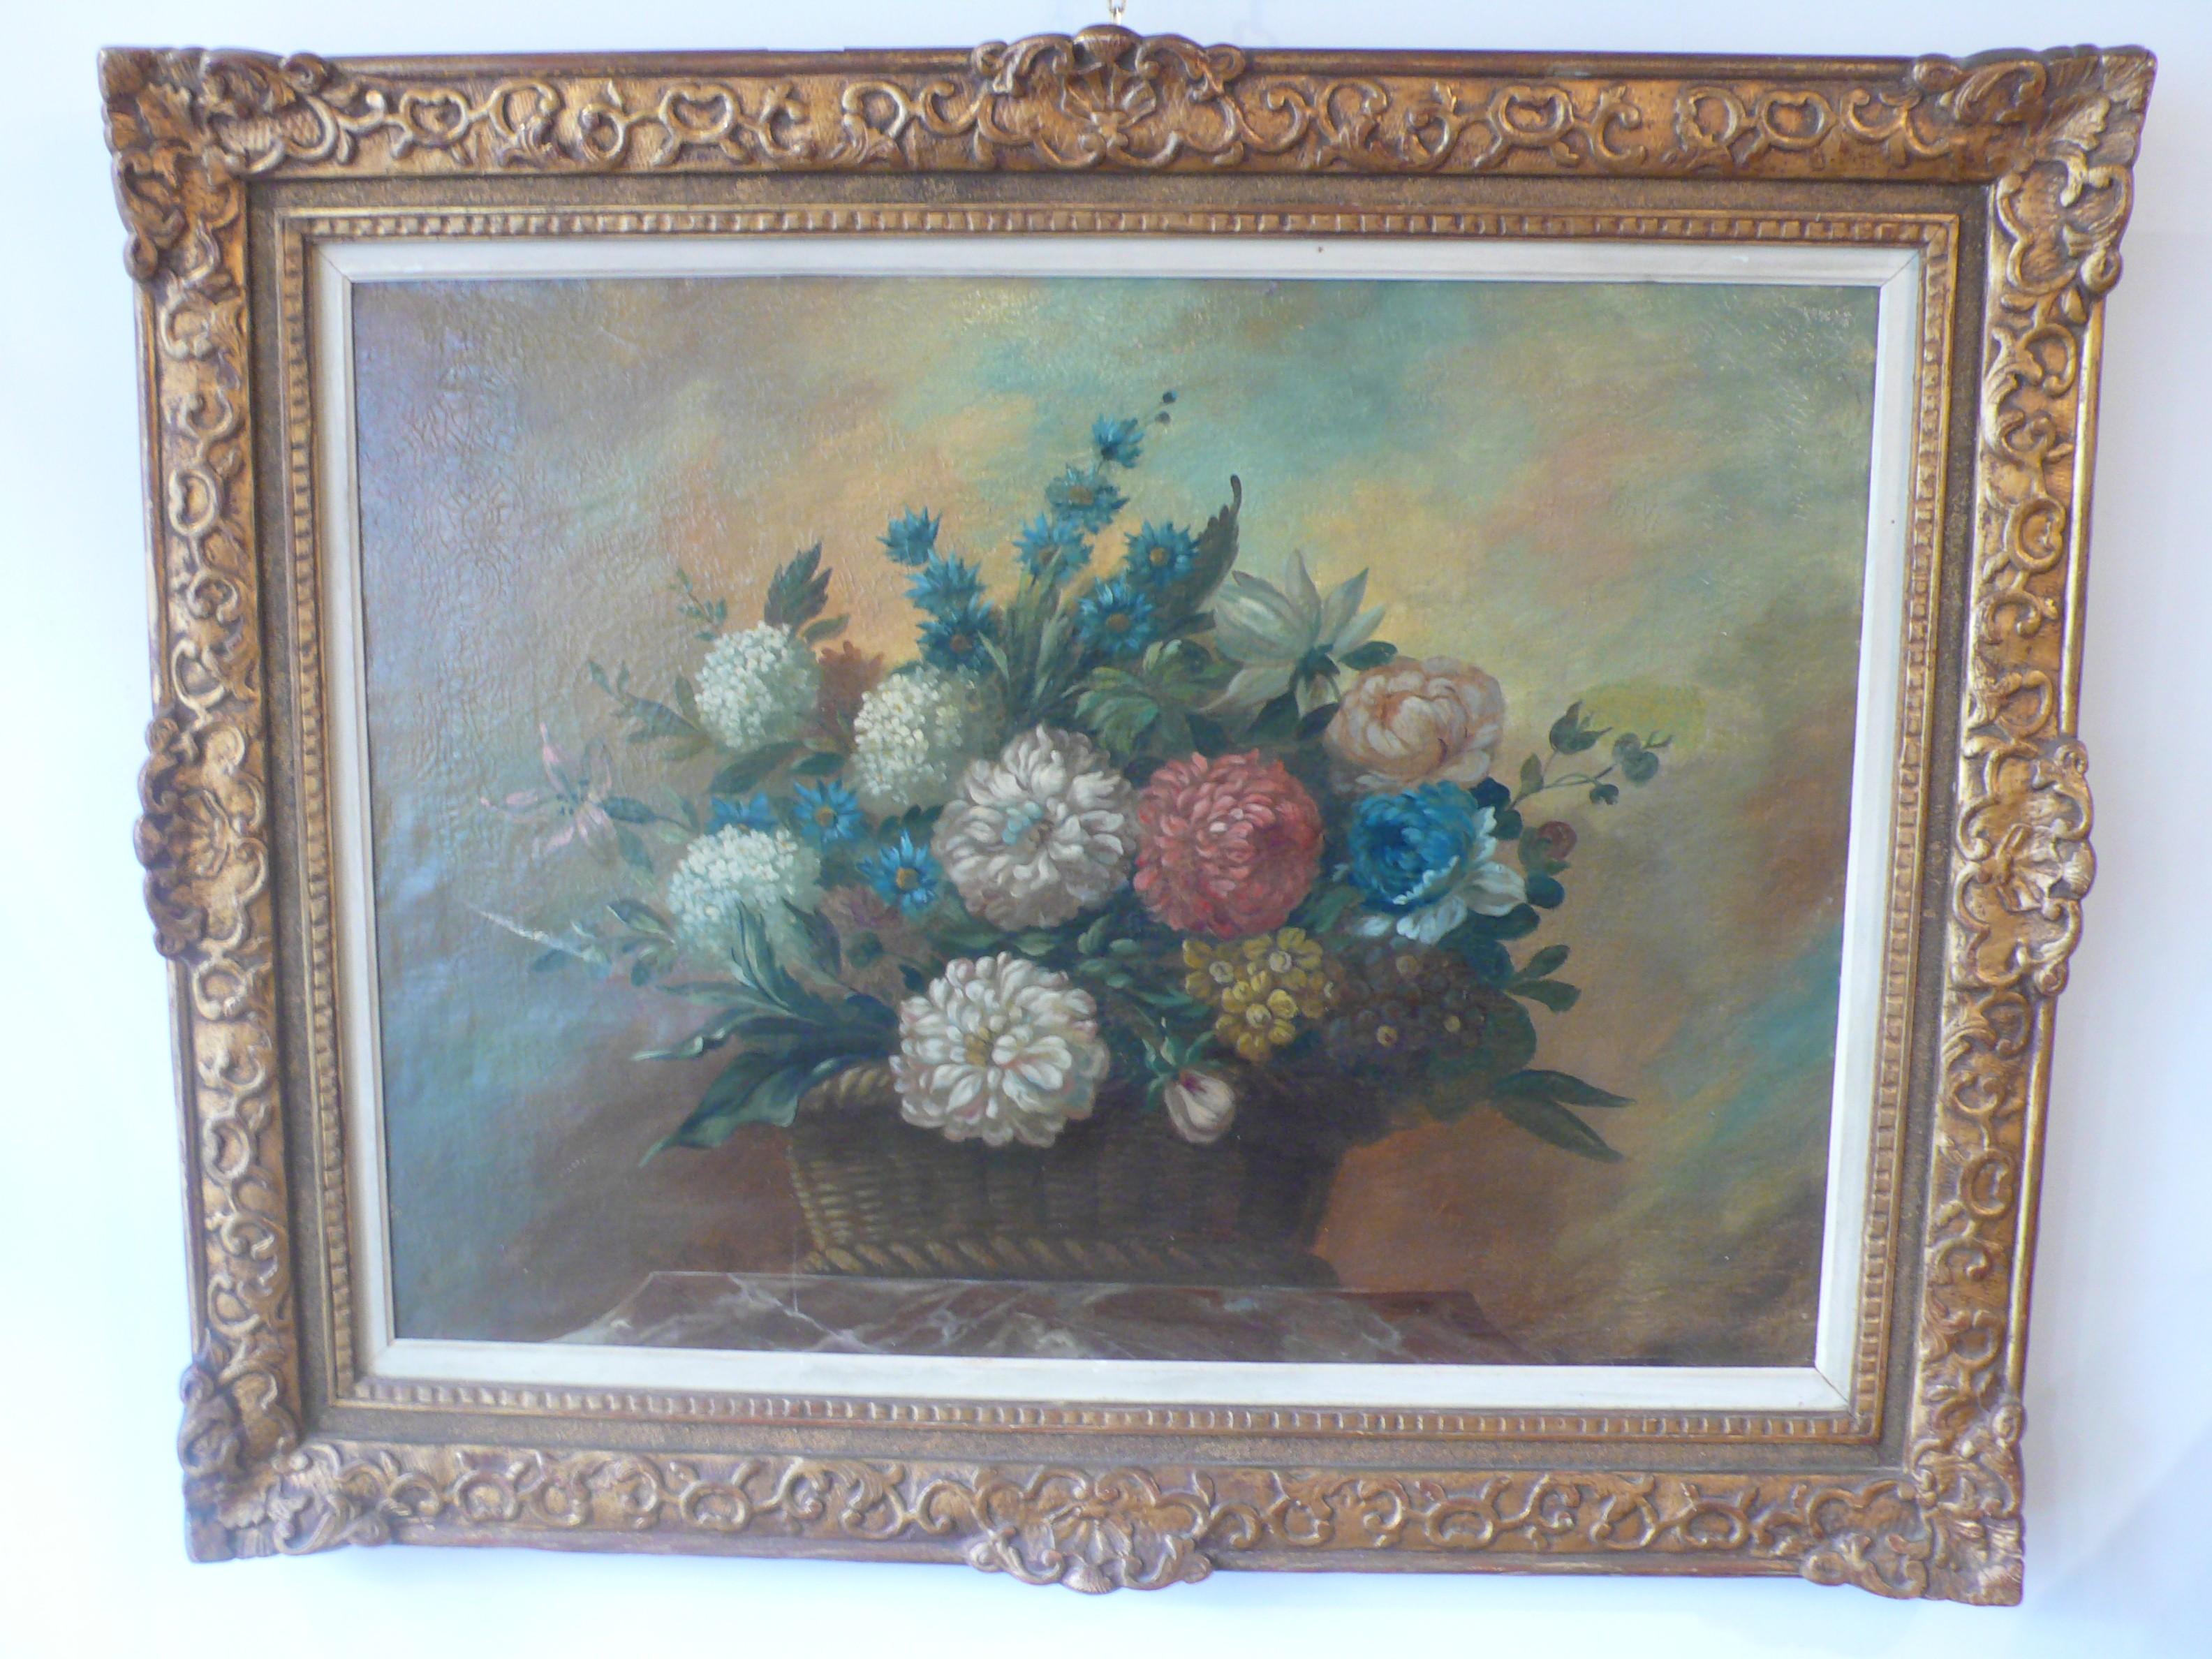 Tableau représentant des fleurs d'époque XIXème siècle.